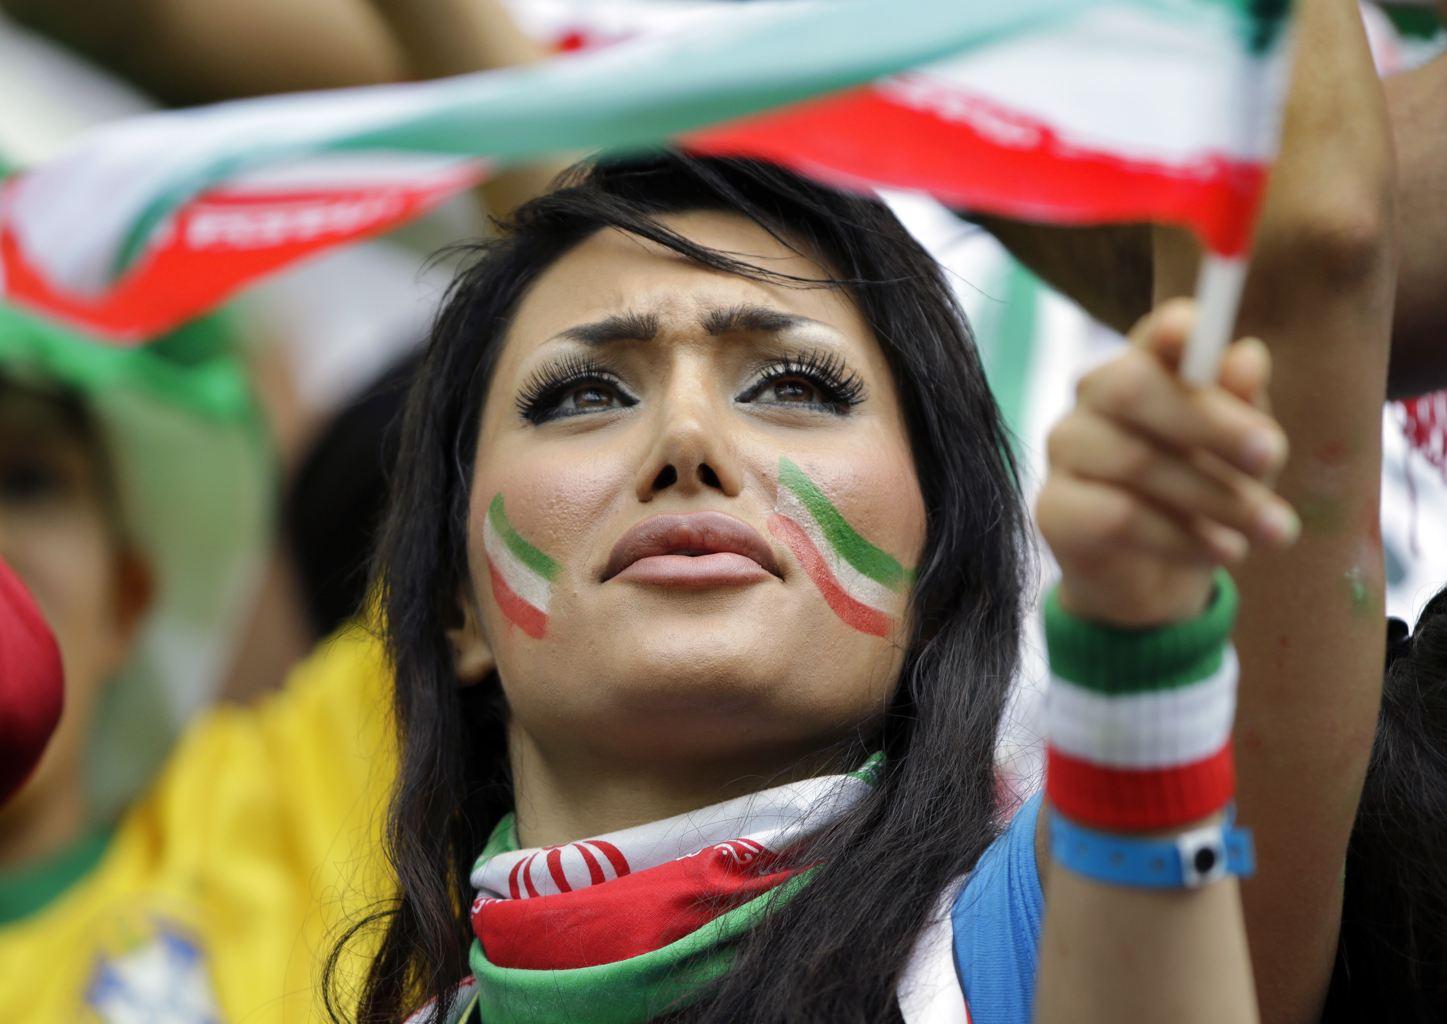 عکس تماشگران بازی ایران و بوسنی در جام جهانی 2014 | WwW.BestBaz.IR